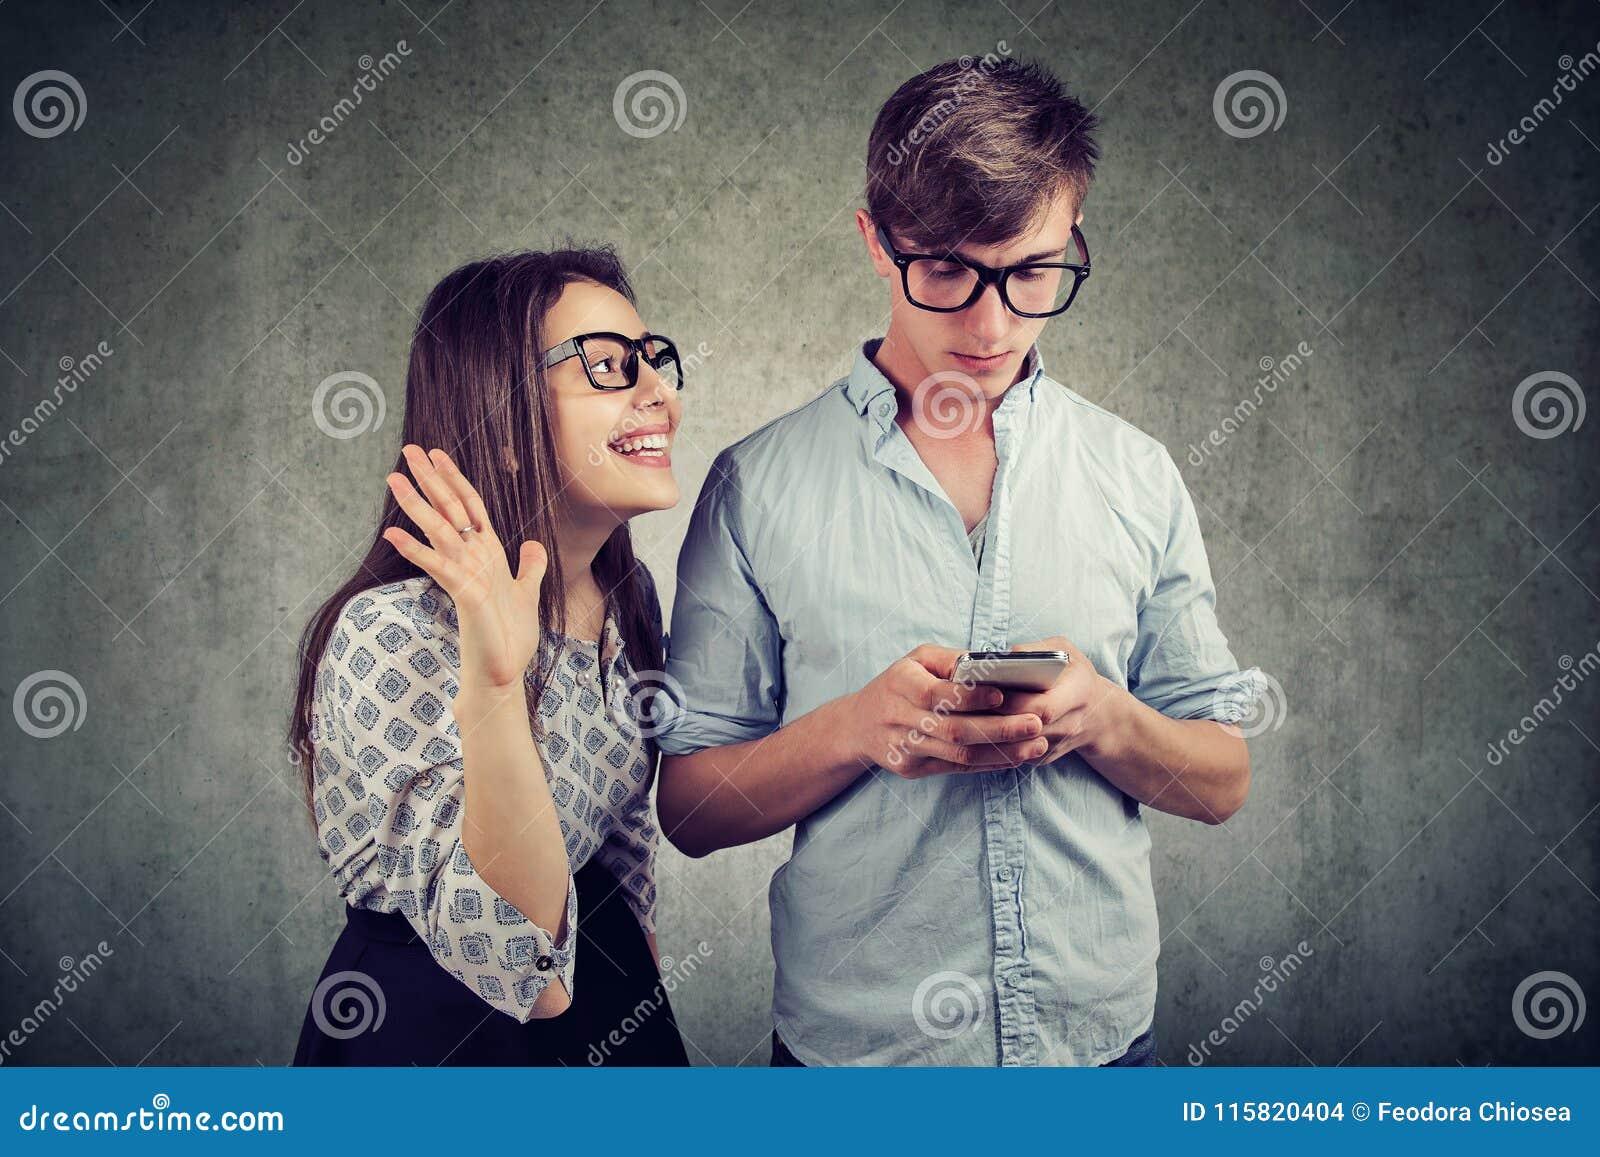 Frau, die versucht, Aufmerksamkeit eines gutaussehenden Mannes zu holen ignoriert sie unter Verwendung eines Smartphone